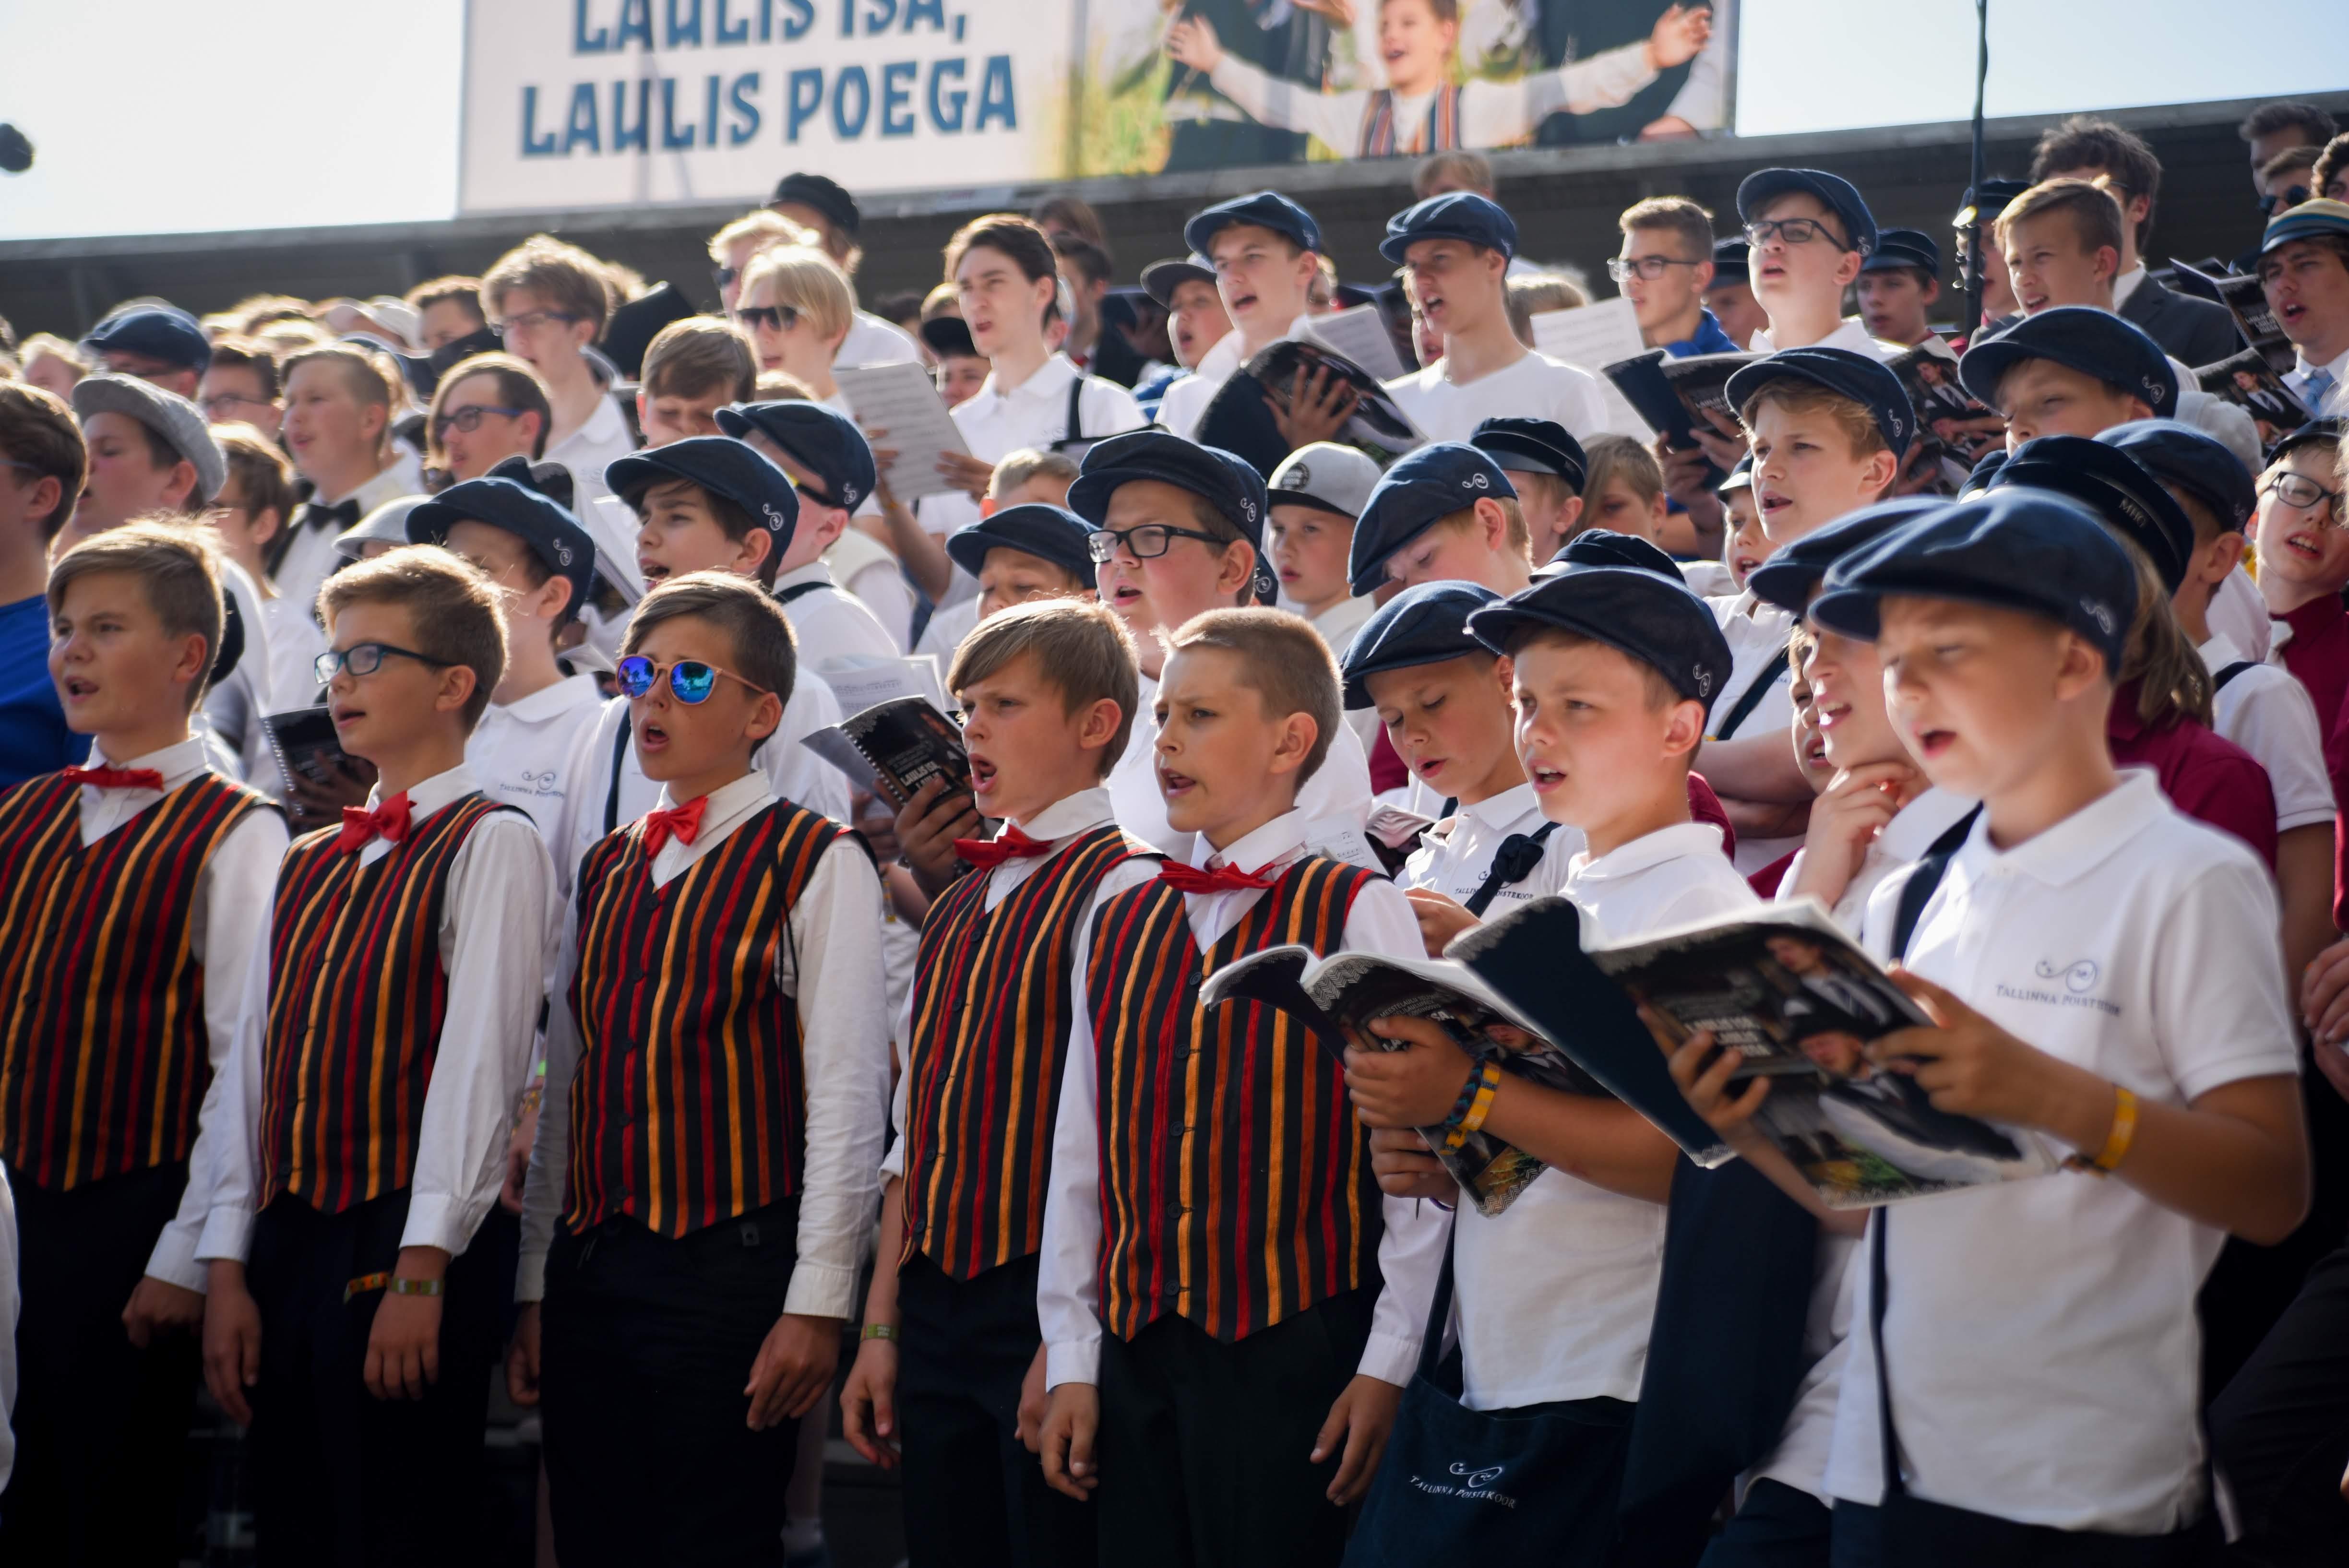 Laulup2ev_16.06.18_Viigimaa-62